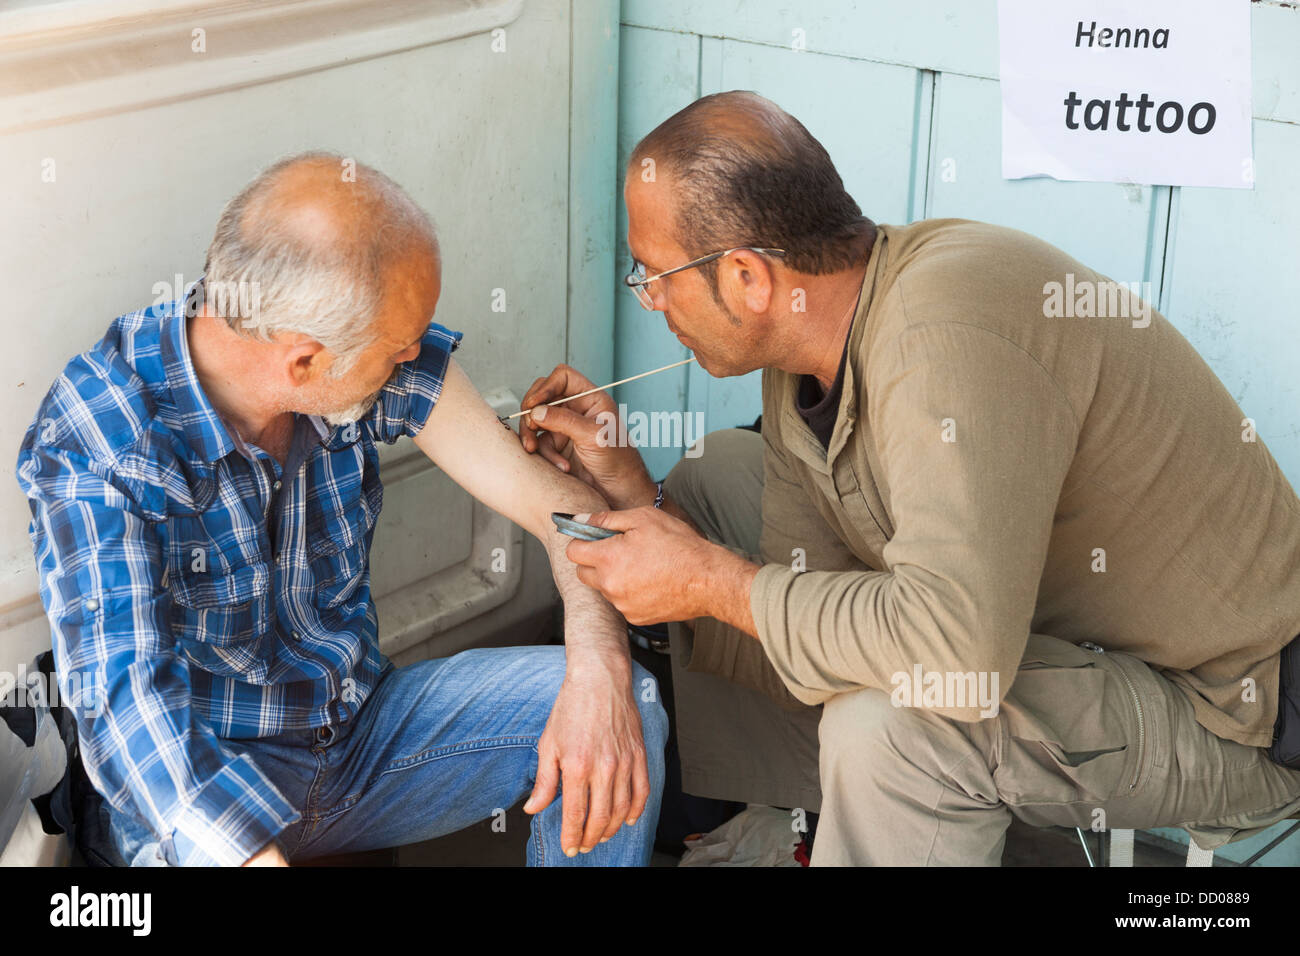 El Hombre Tiene Un Tatuaje De Henna Tatuado En Su Brazo Estambul